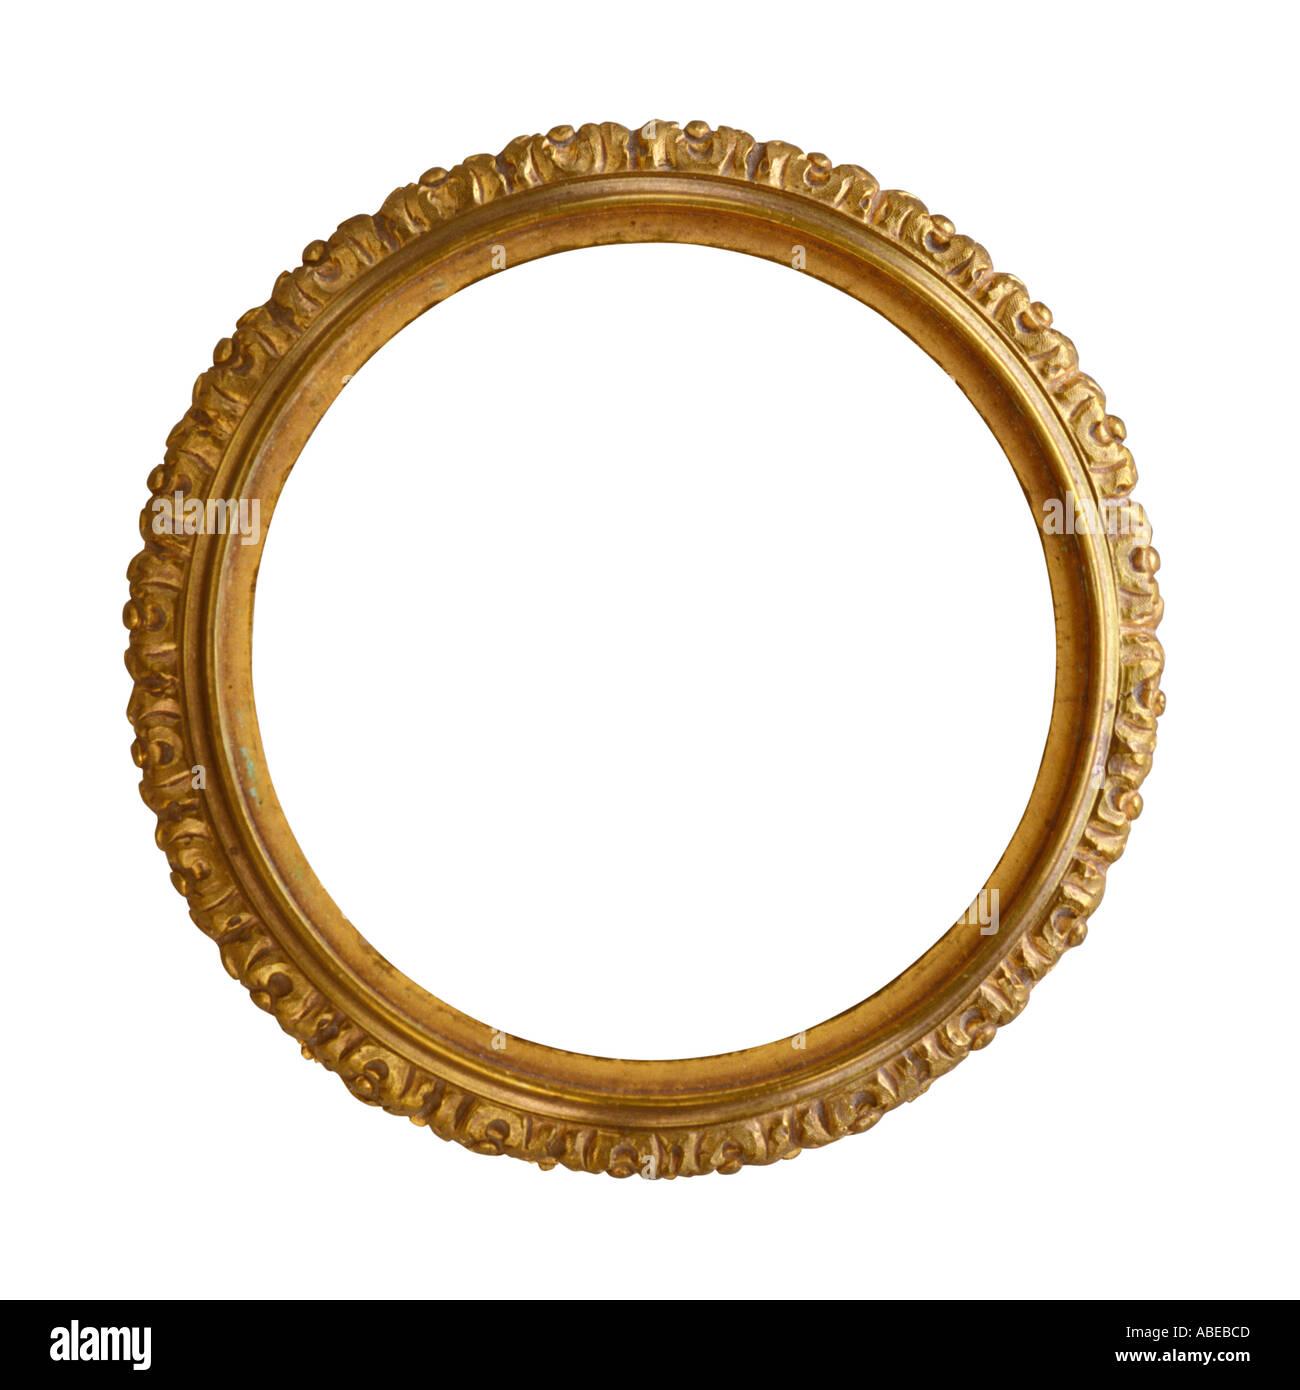 Eine Runde Gold vergoldet Antik dekorativen Bilderrahmen Stockfoto ...